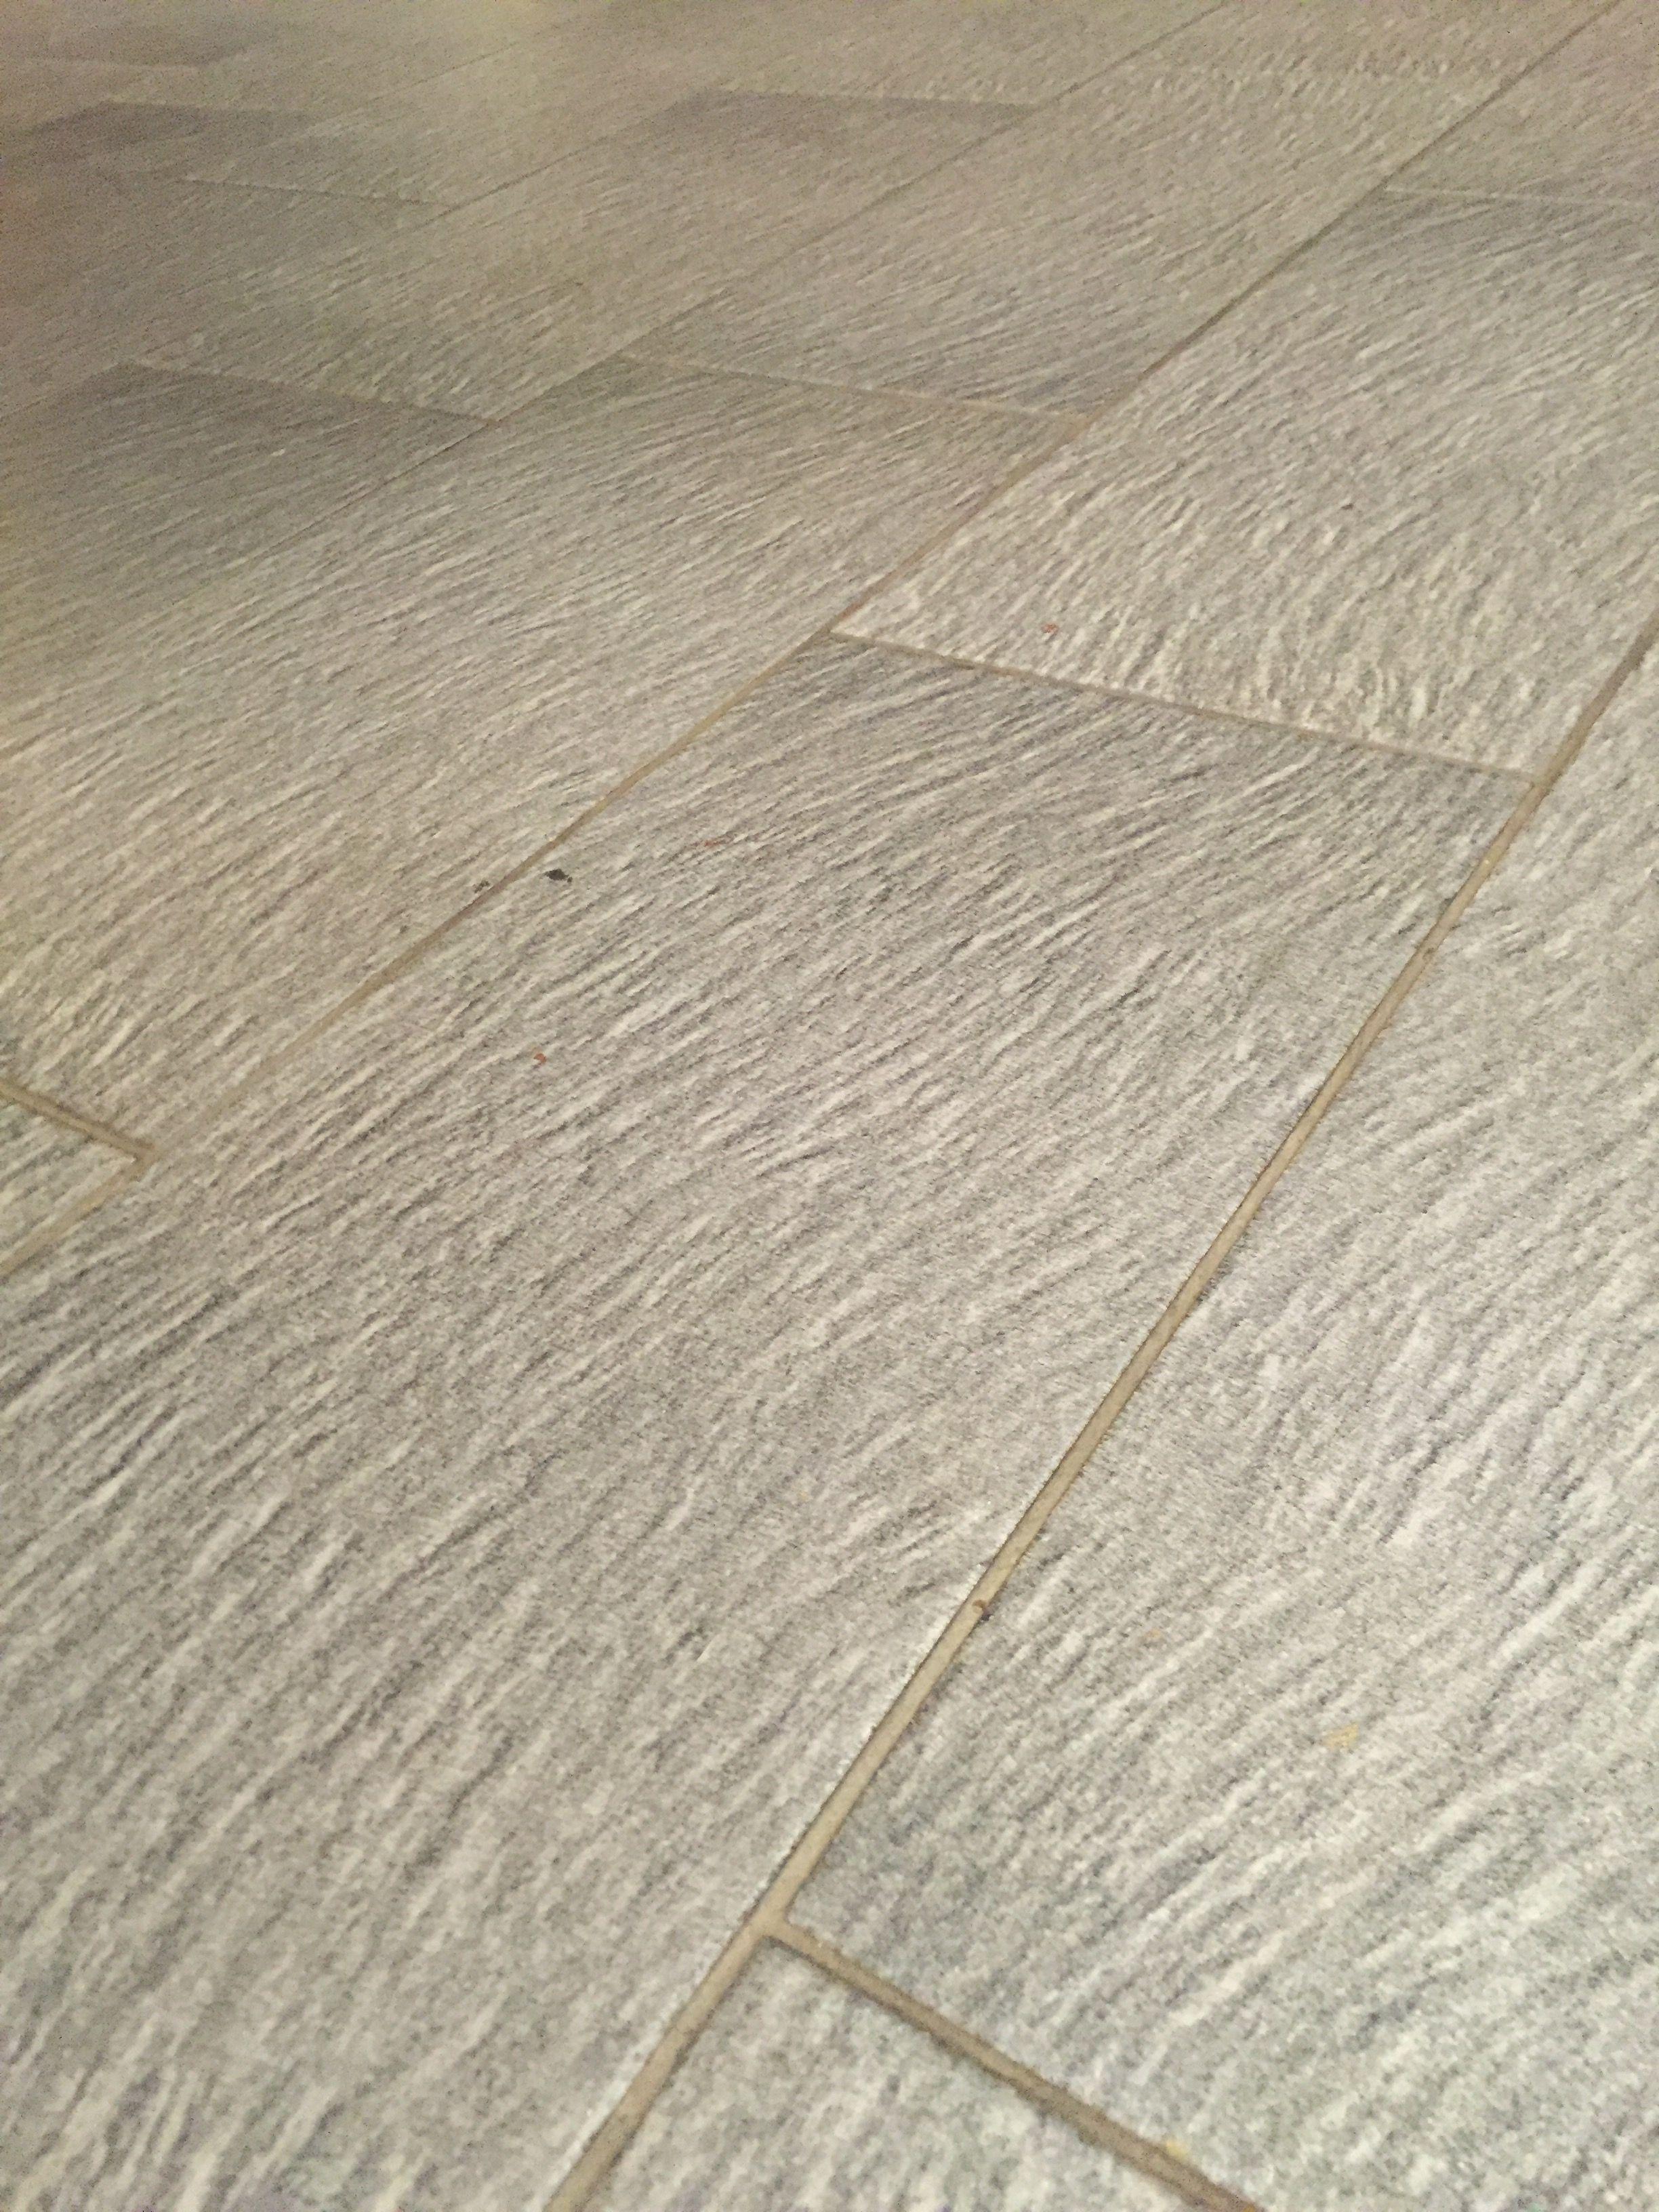 vloertegels 30x60 cm antraciet vloertegels pinterest